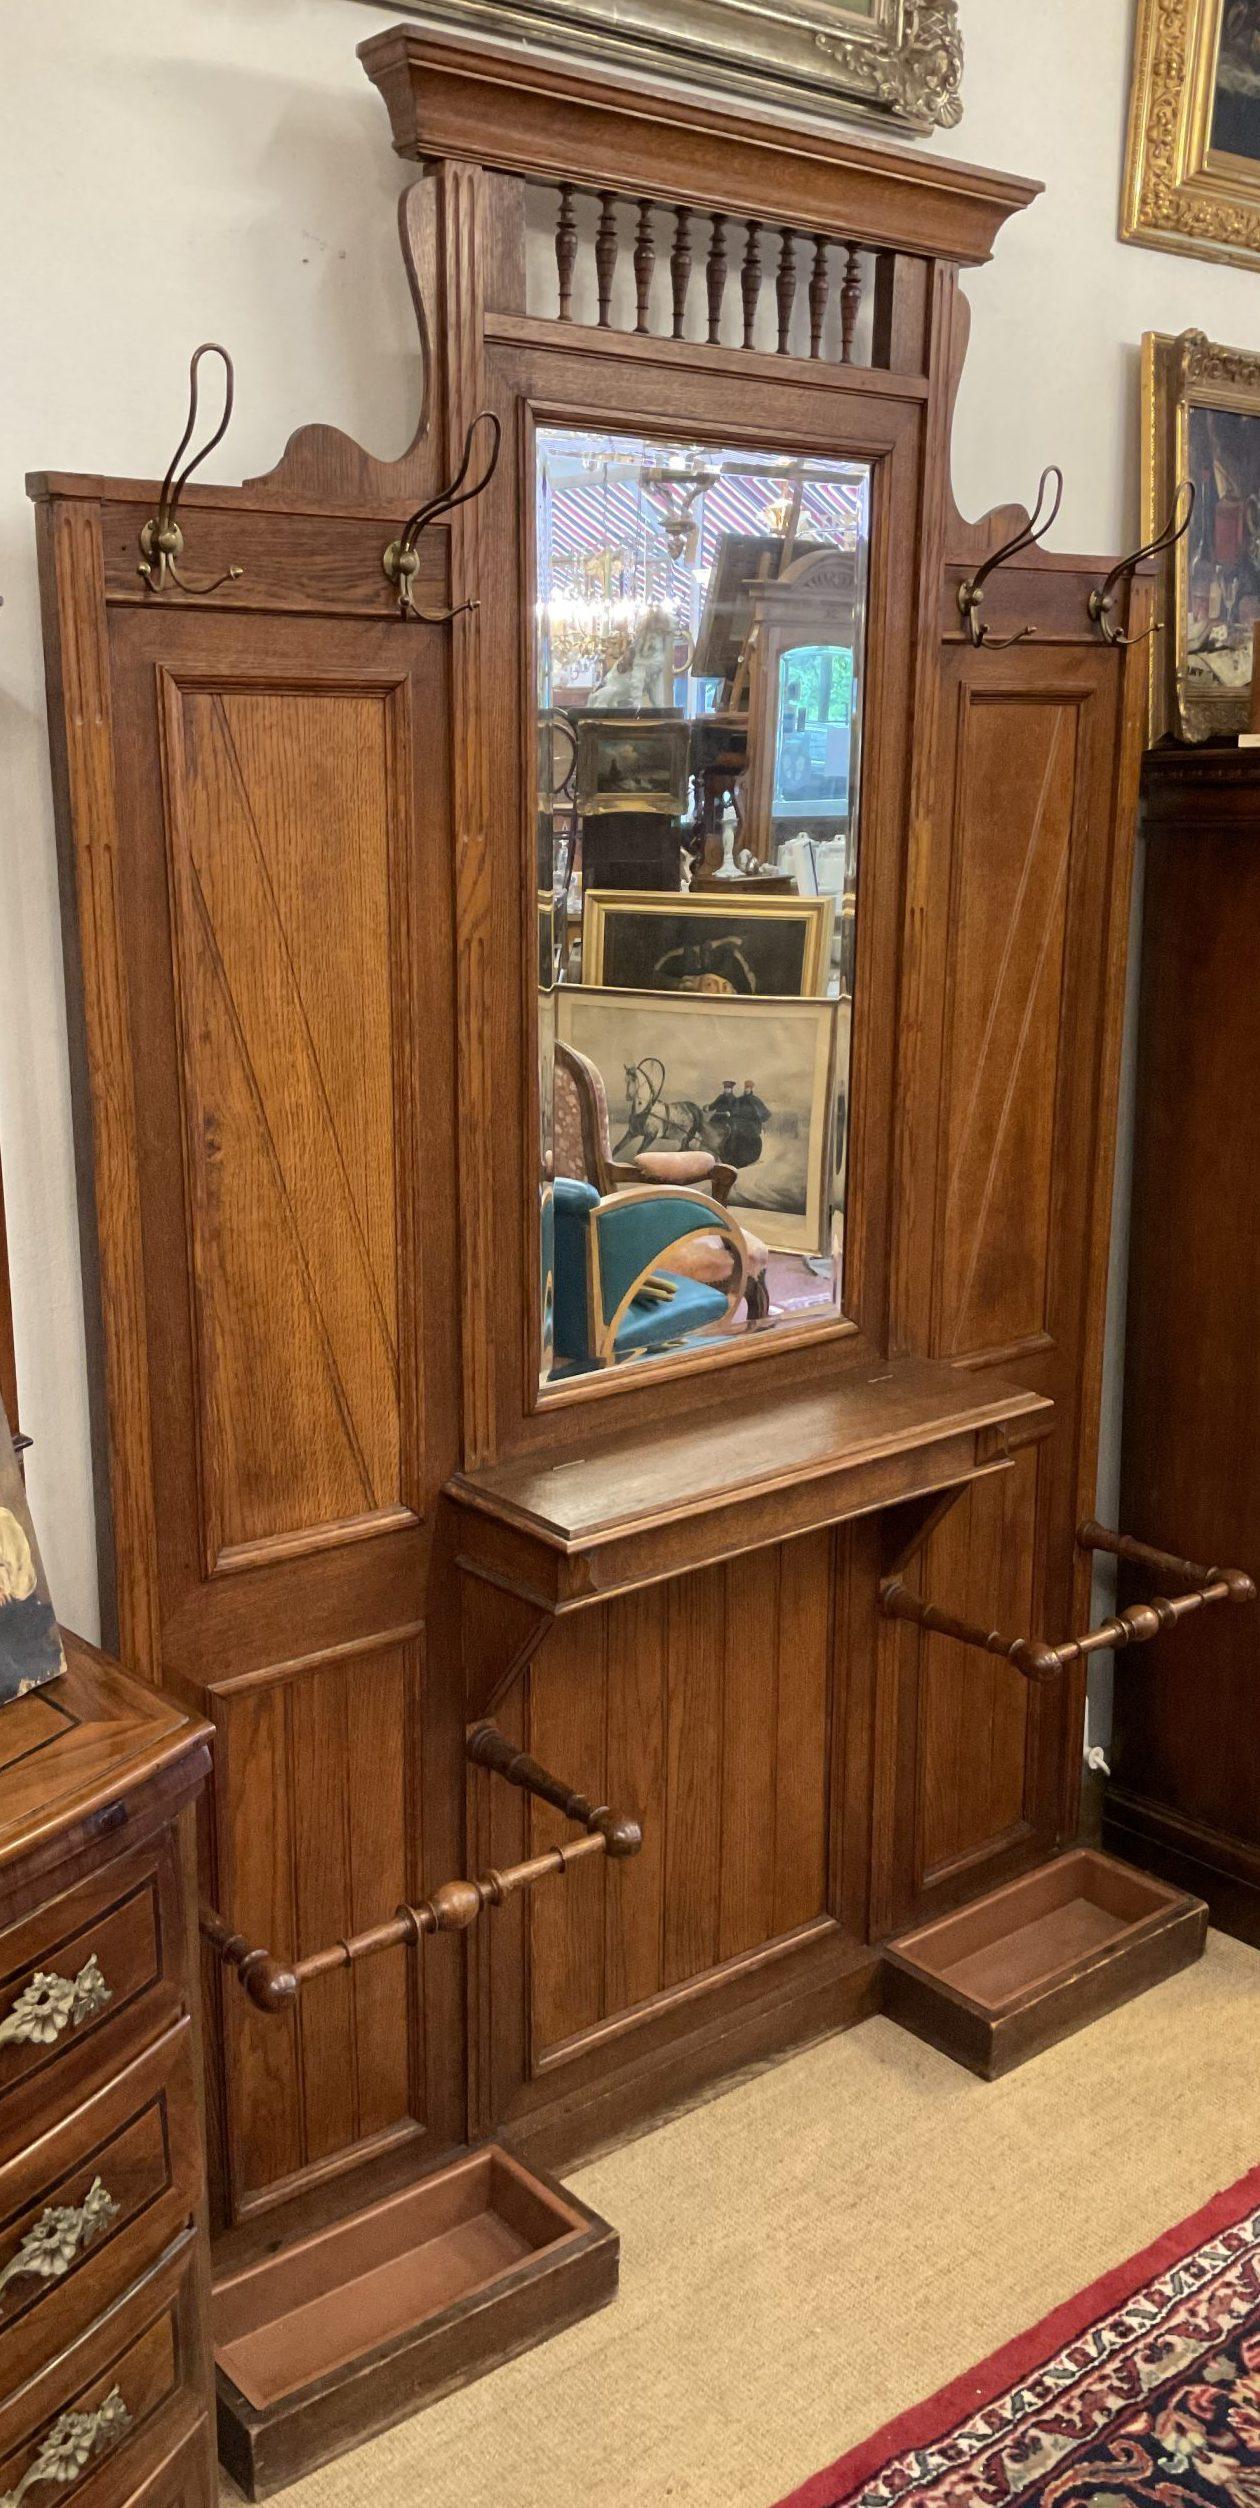 Garderobenwand mit Spiegel • Antiquitäten